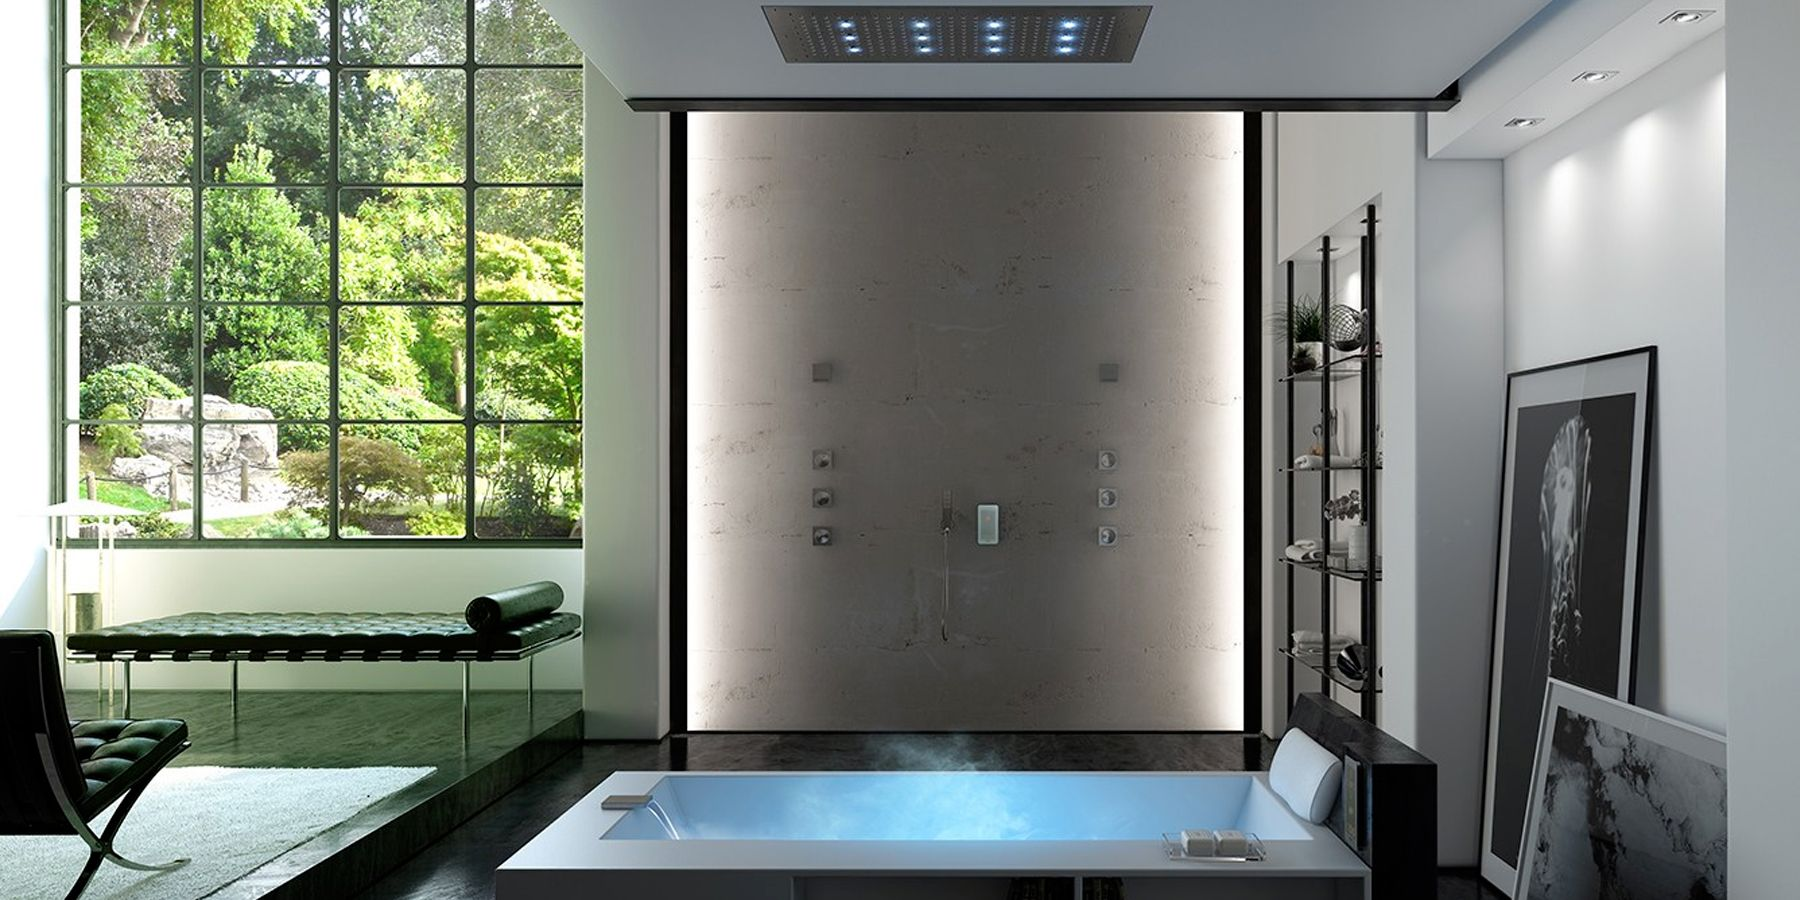 Miscelatore doccia 2 o 3 vie: come scegliere quello giusto